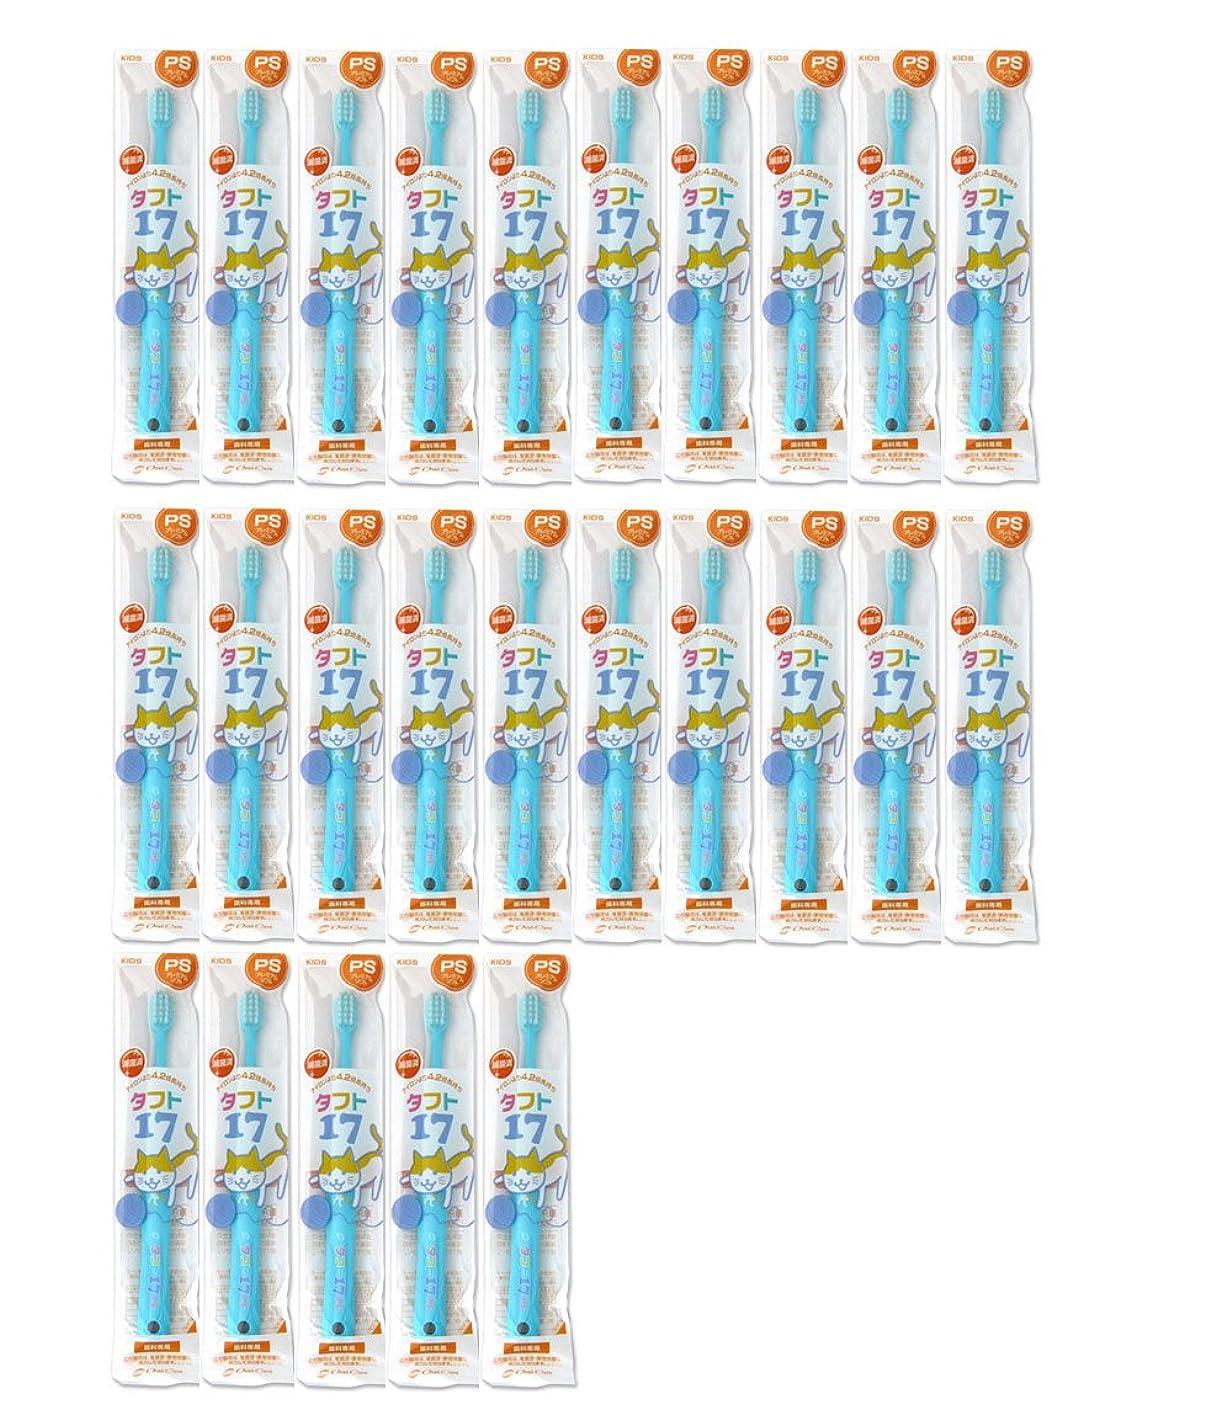 操るファランクスオペレータータフト17 25本 オーラルケア【タフト17/プレミアムソフト 子供】乳歯列期(1~7歳)こども歯ブラシ 25本セット ブルー